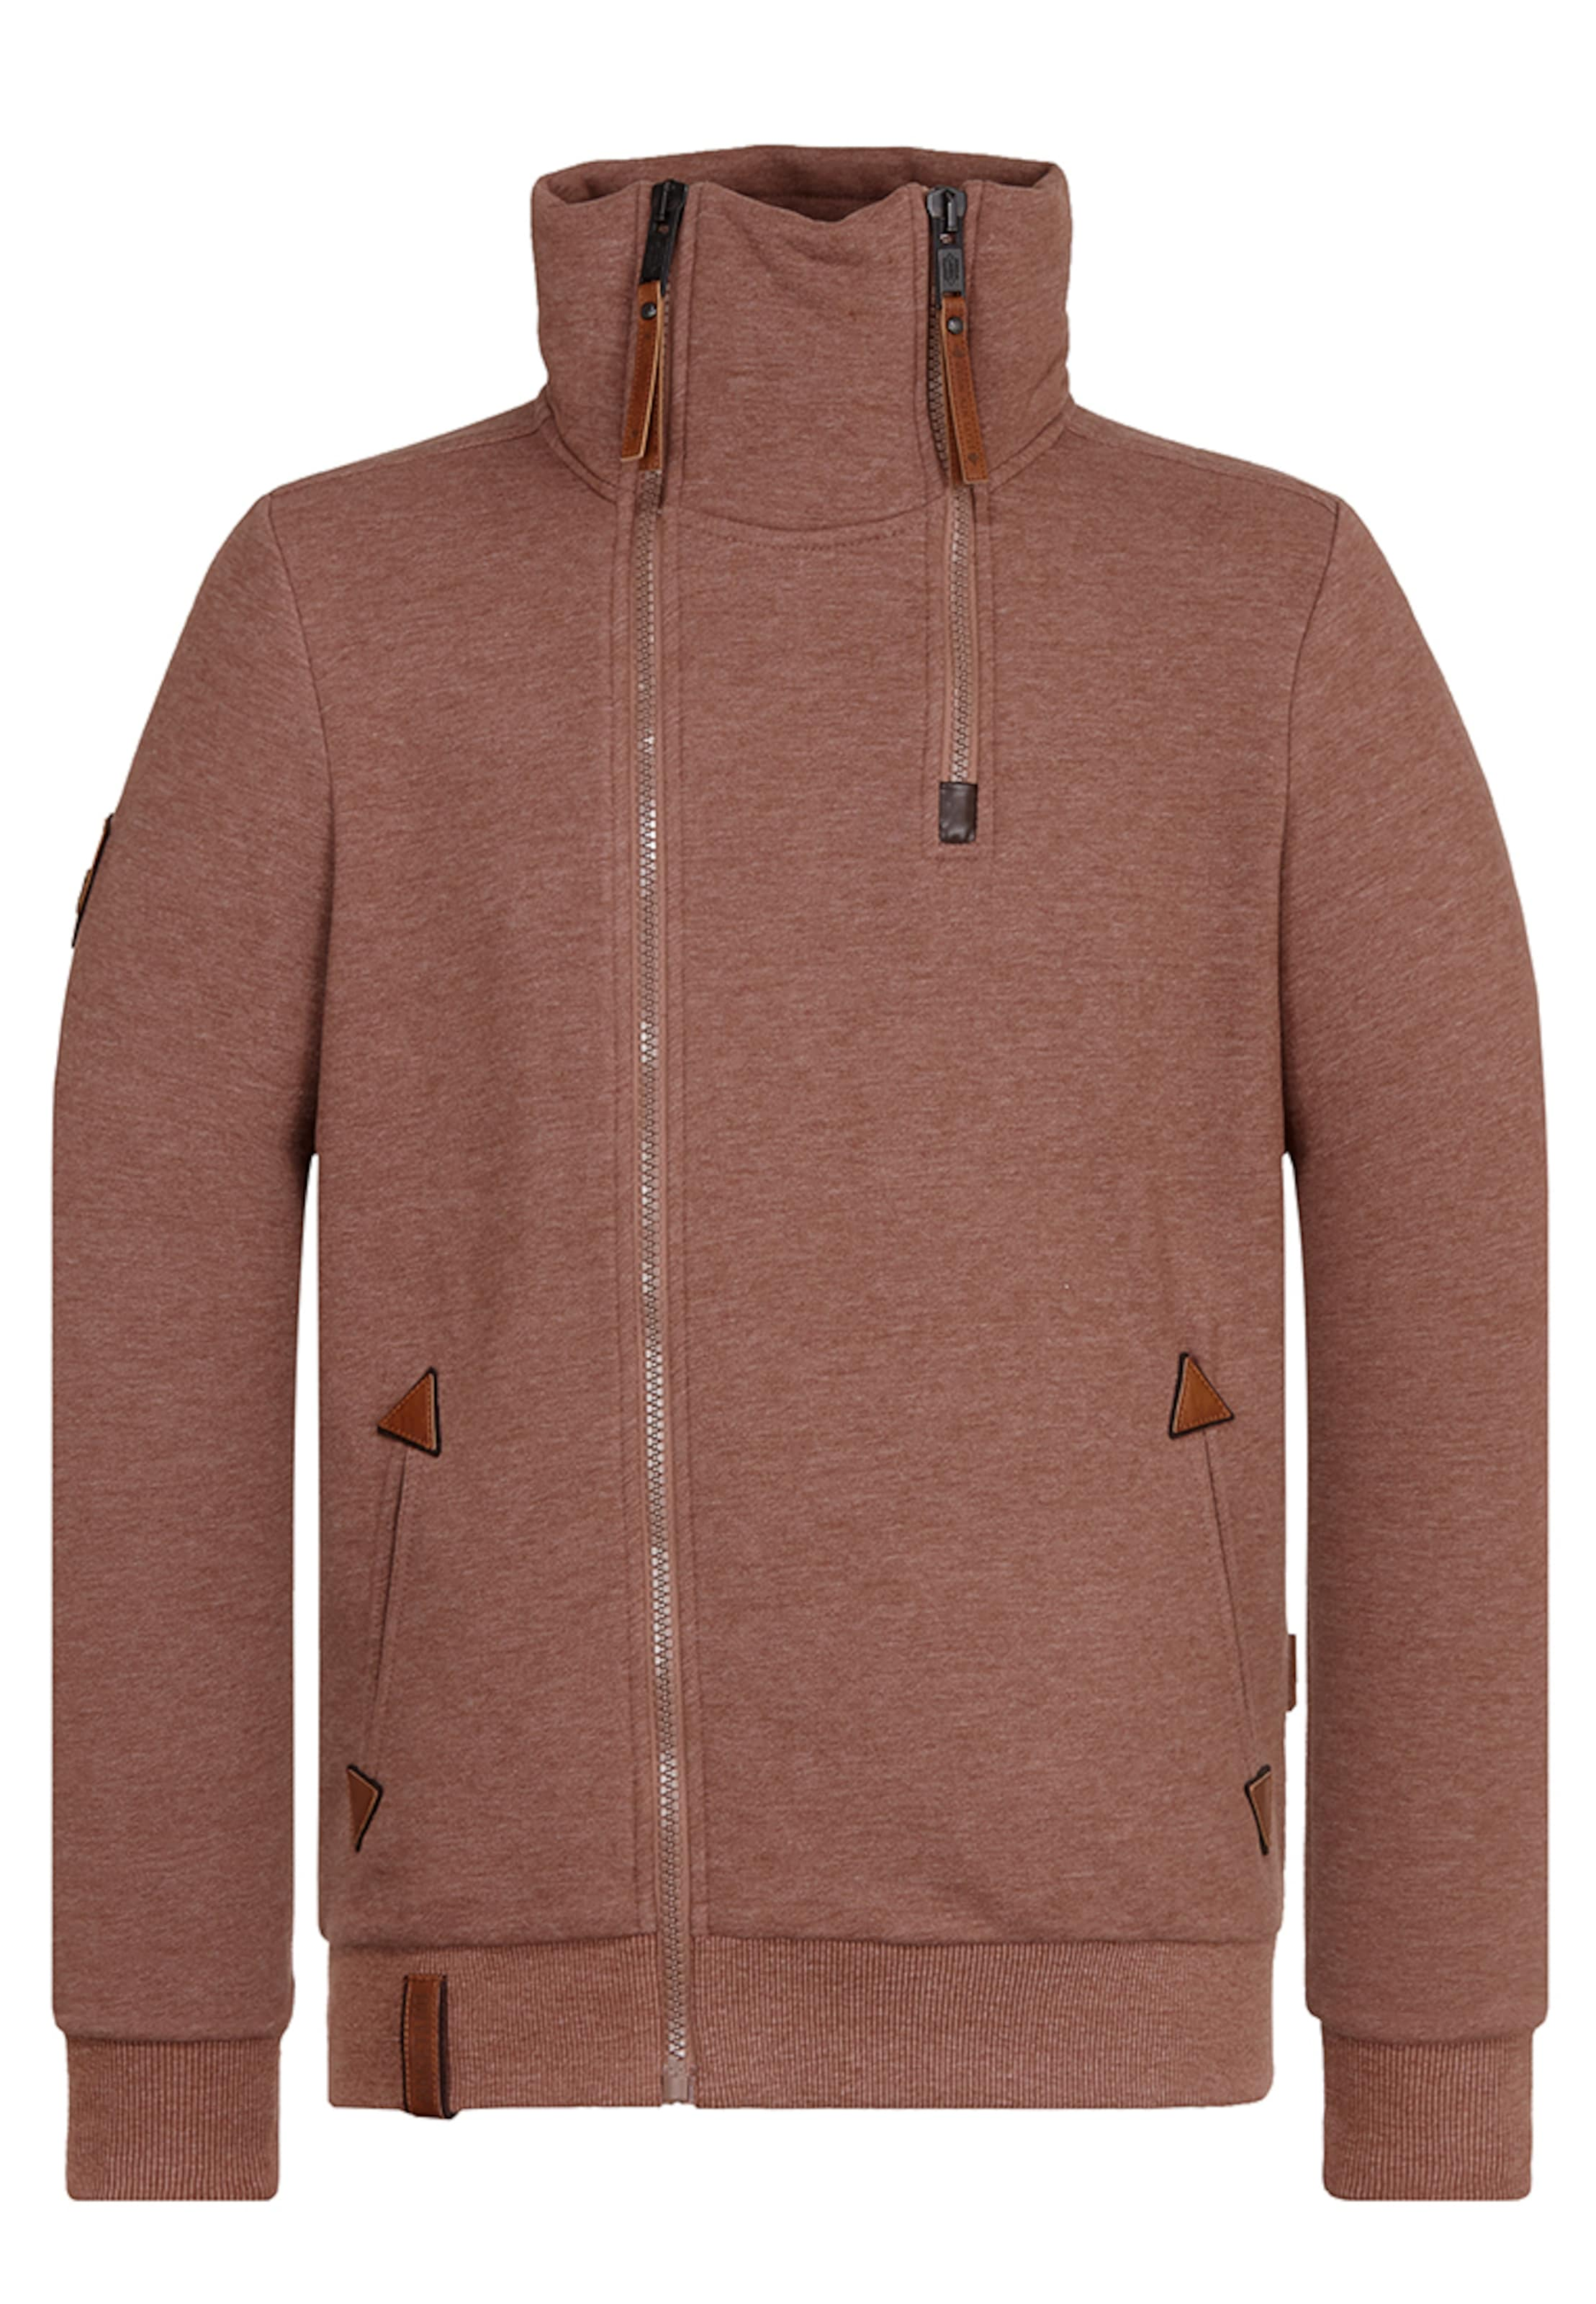 Top-Qualität Verkauf Online naketano Zipped Jacket Sammlungen Zum Verkauf Günstig Kaufen Am Besten Qualität Aus Deutschland Großhandel Zuverlässig Bsscn